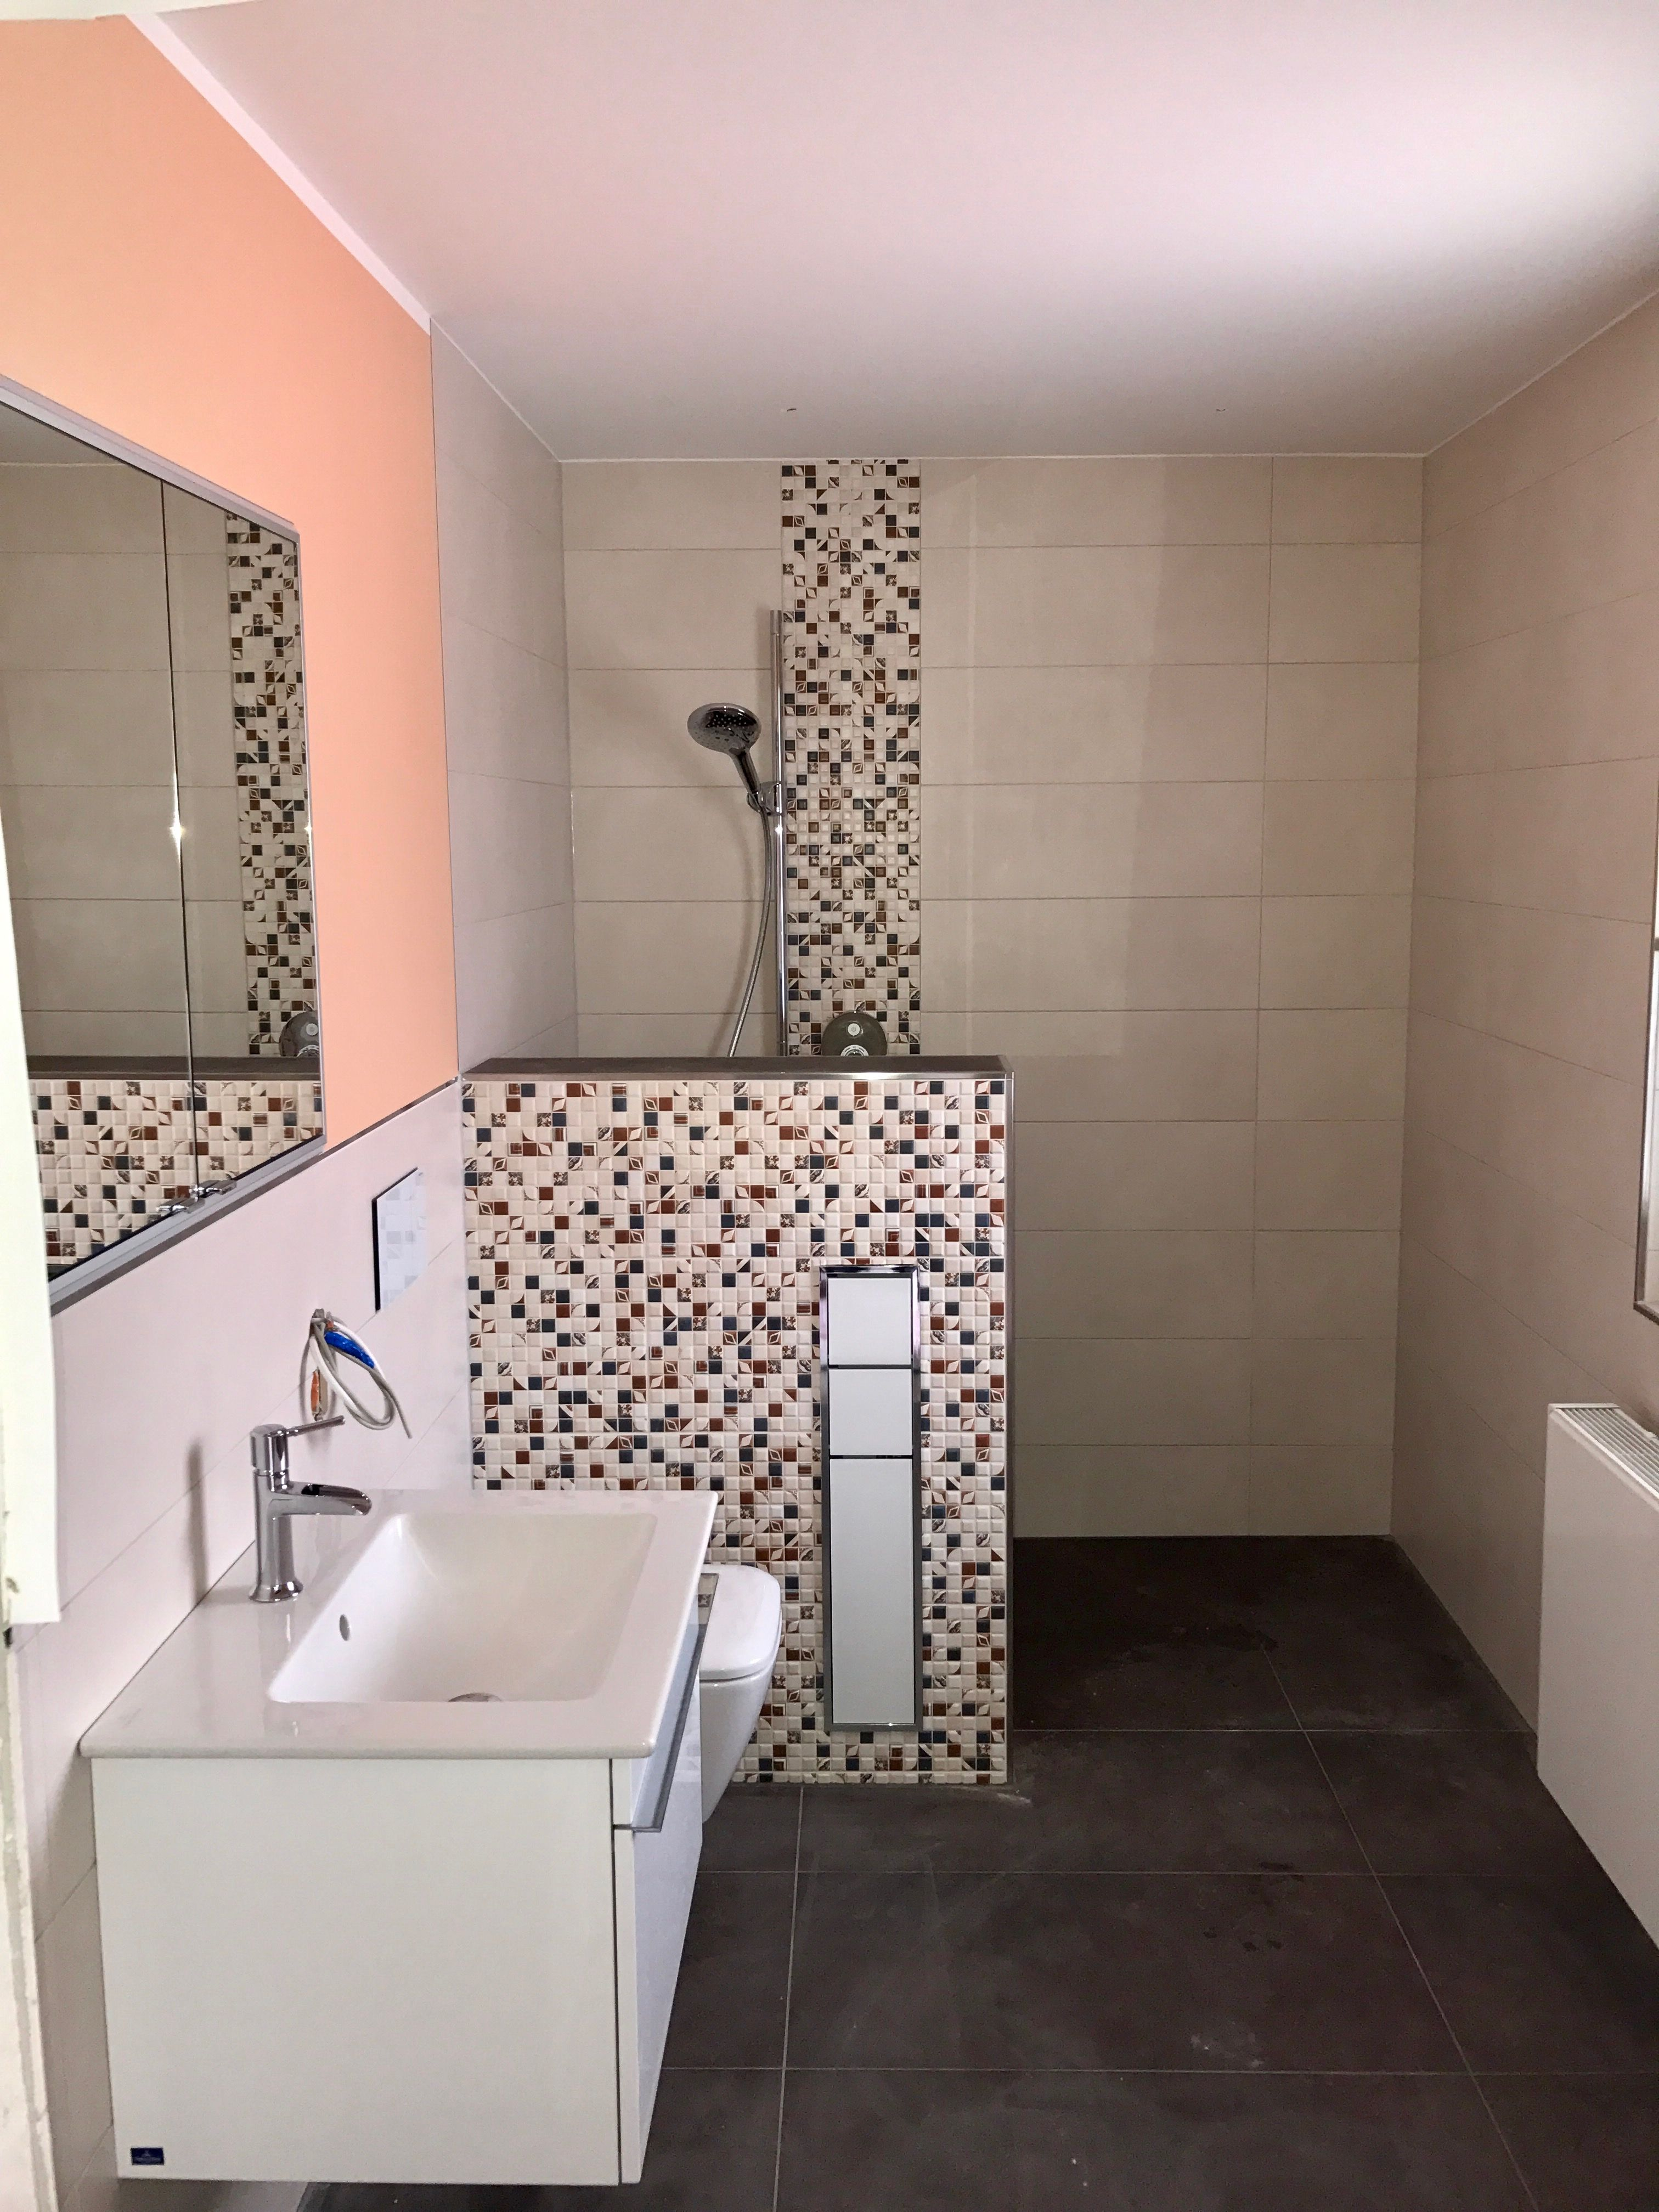 Bad Mit Trennwand Zur Bodengleichen Dusche Und Einbau Modul Am Wc Trennwand Badezimmer Dusche